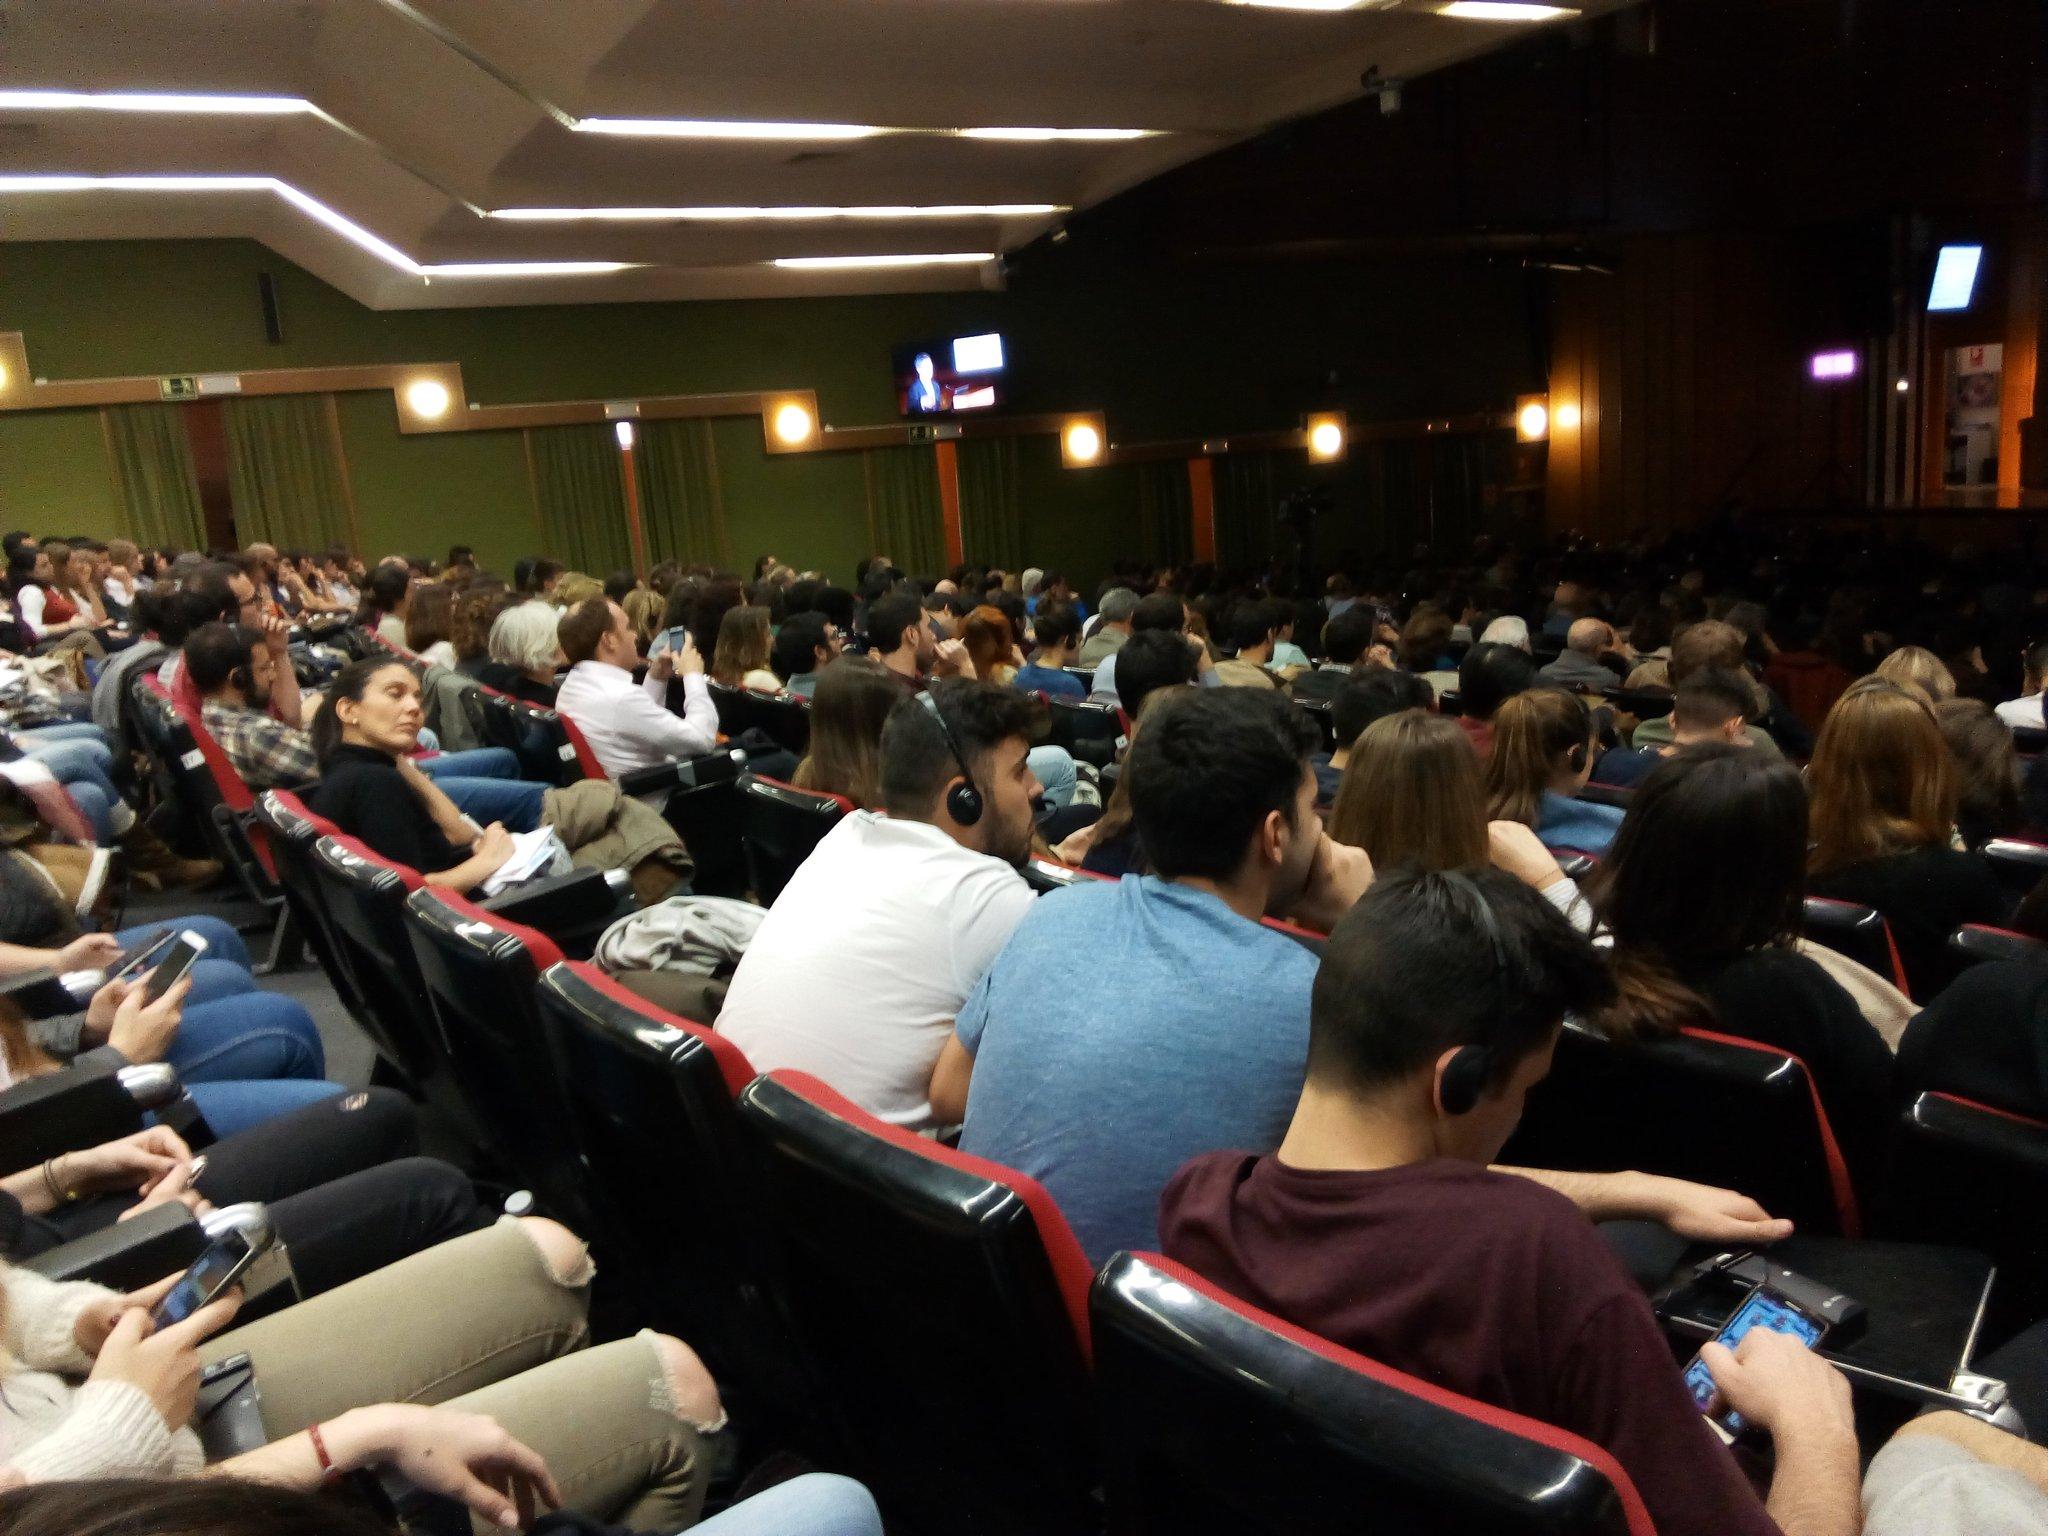 Estudiantes llenan la Facultad de Medicina d @unicomplutense para escuchar a @JeffDSachs reivindicar el #DesarrolloSostenible. Esperanzador. https://t.co/dDoO7oD21T